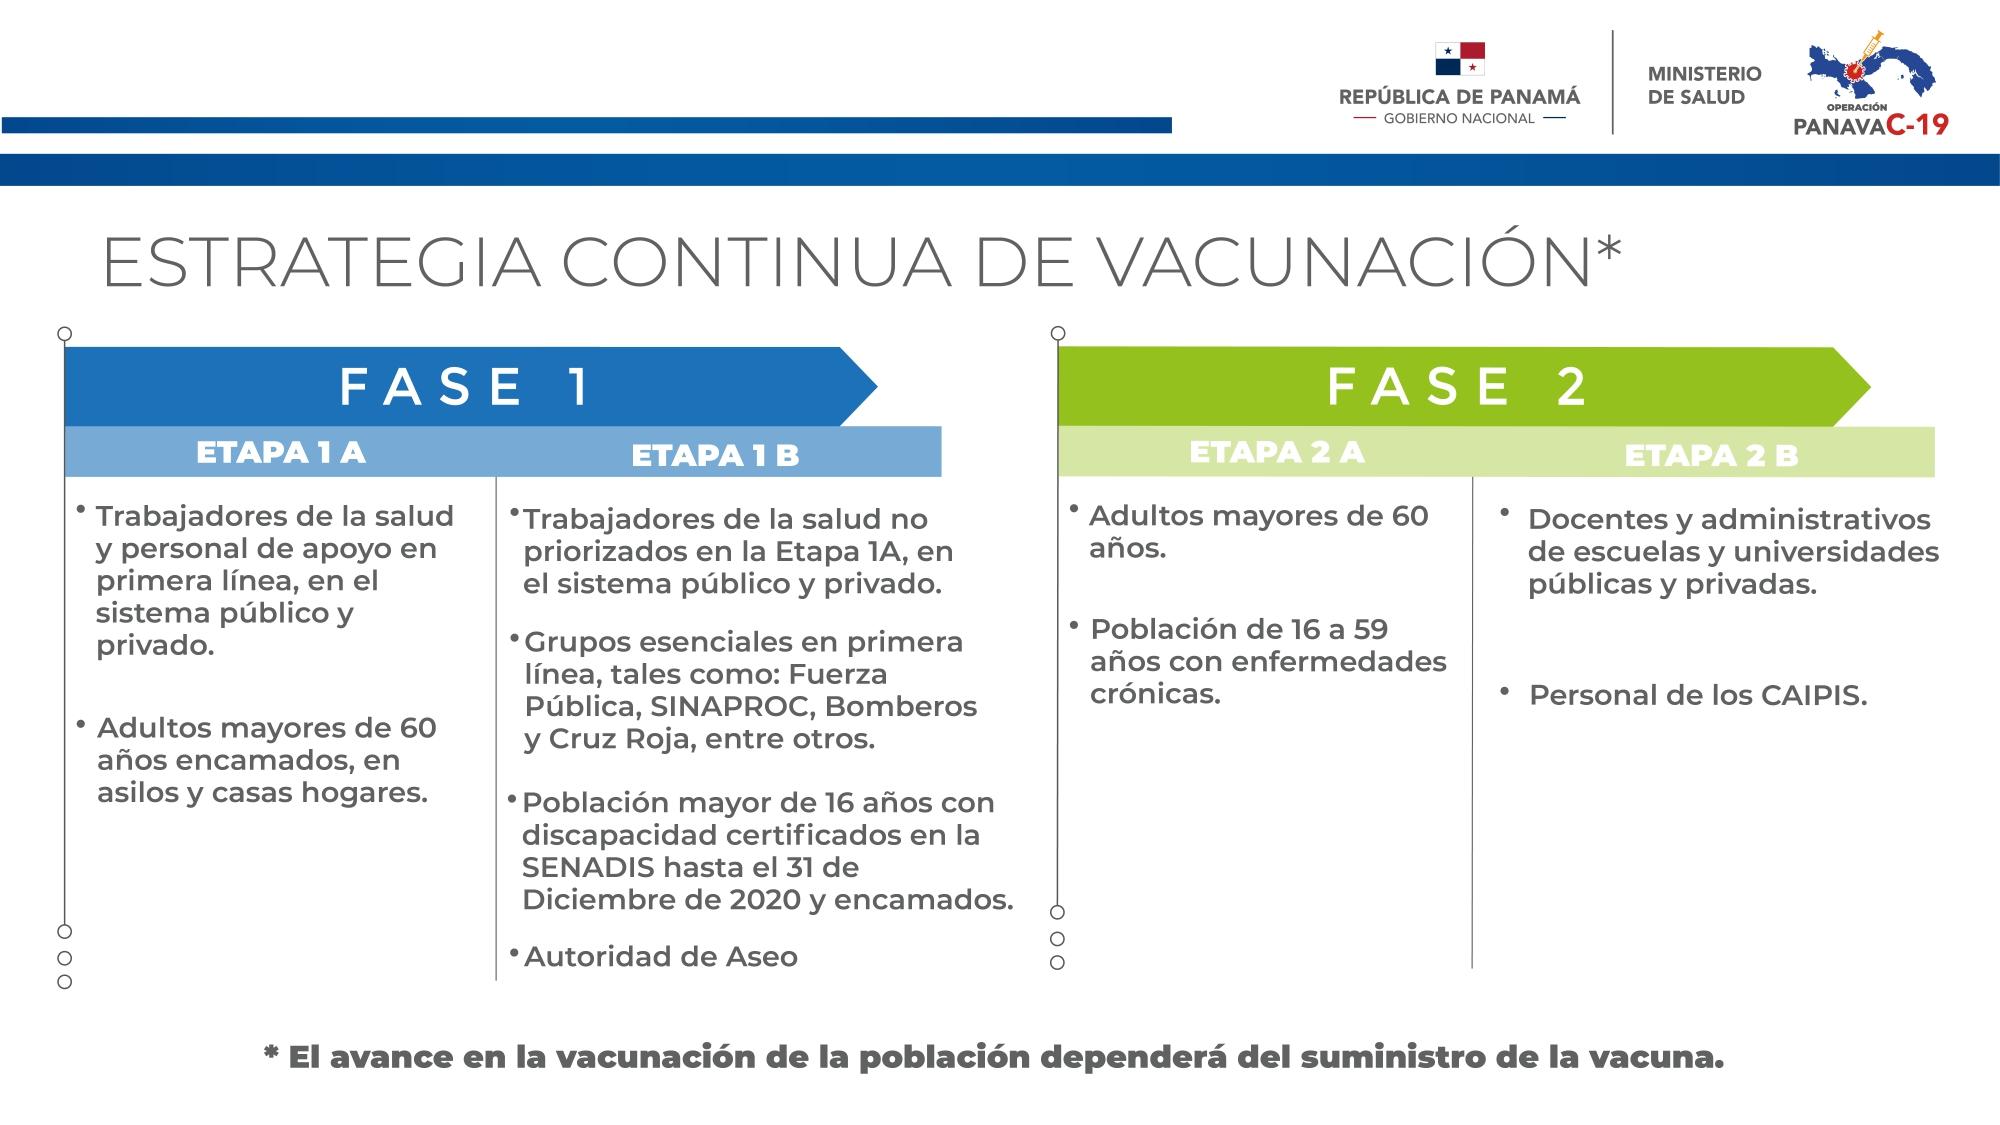 PLAN NACIONAL DE VACUNACIÓN _ 12 Enero_page-0003